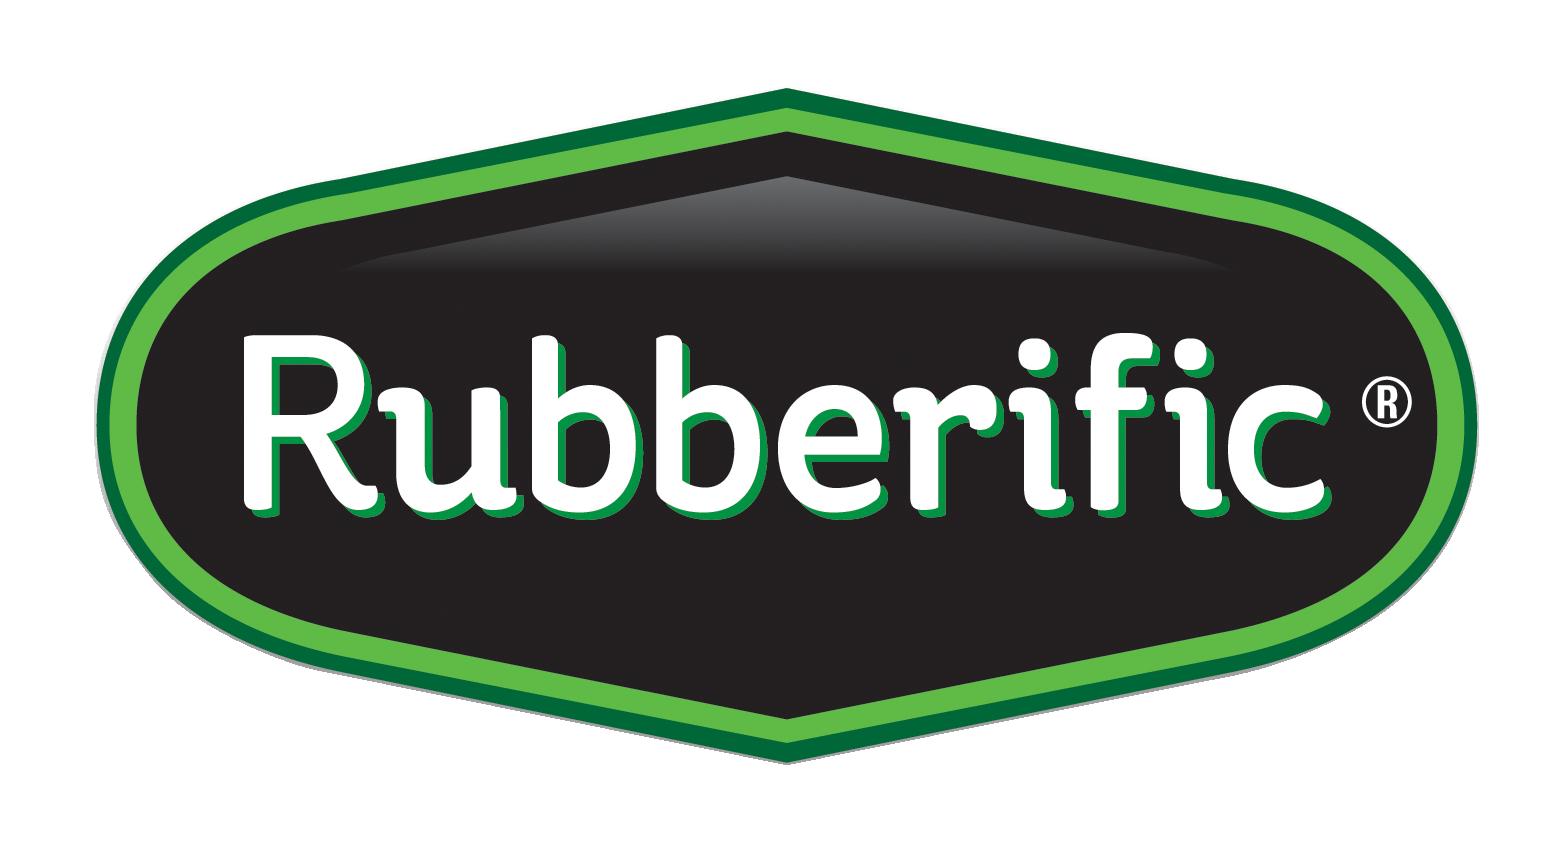 rubberific-logo.png